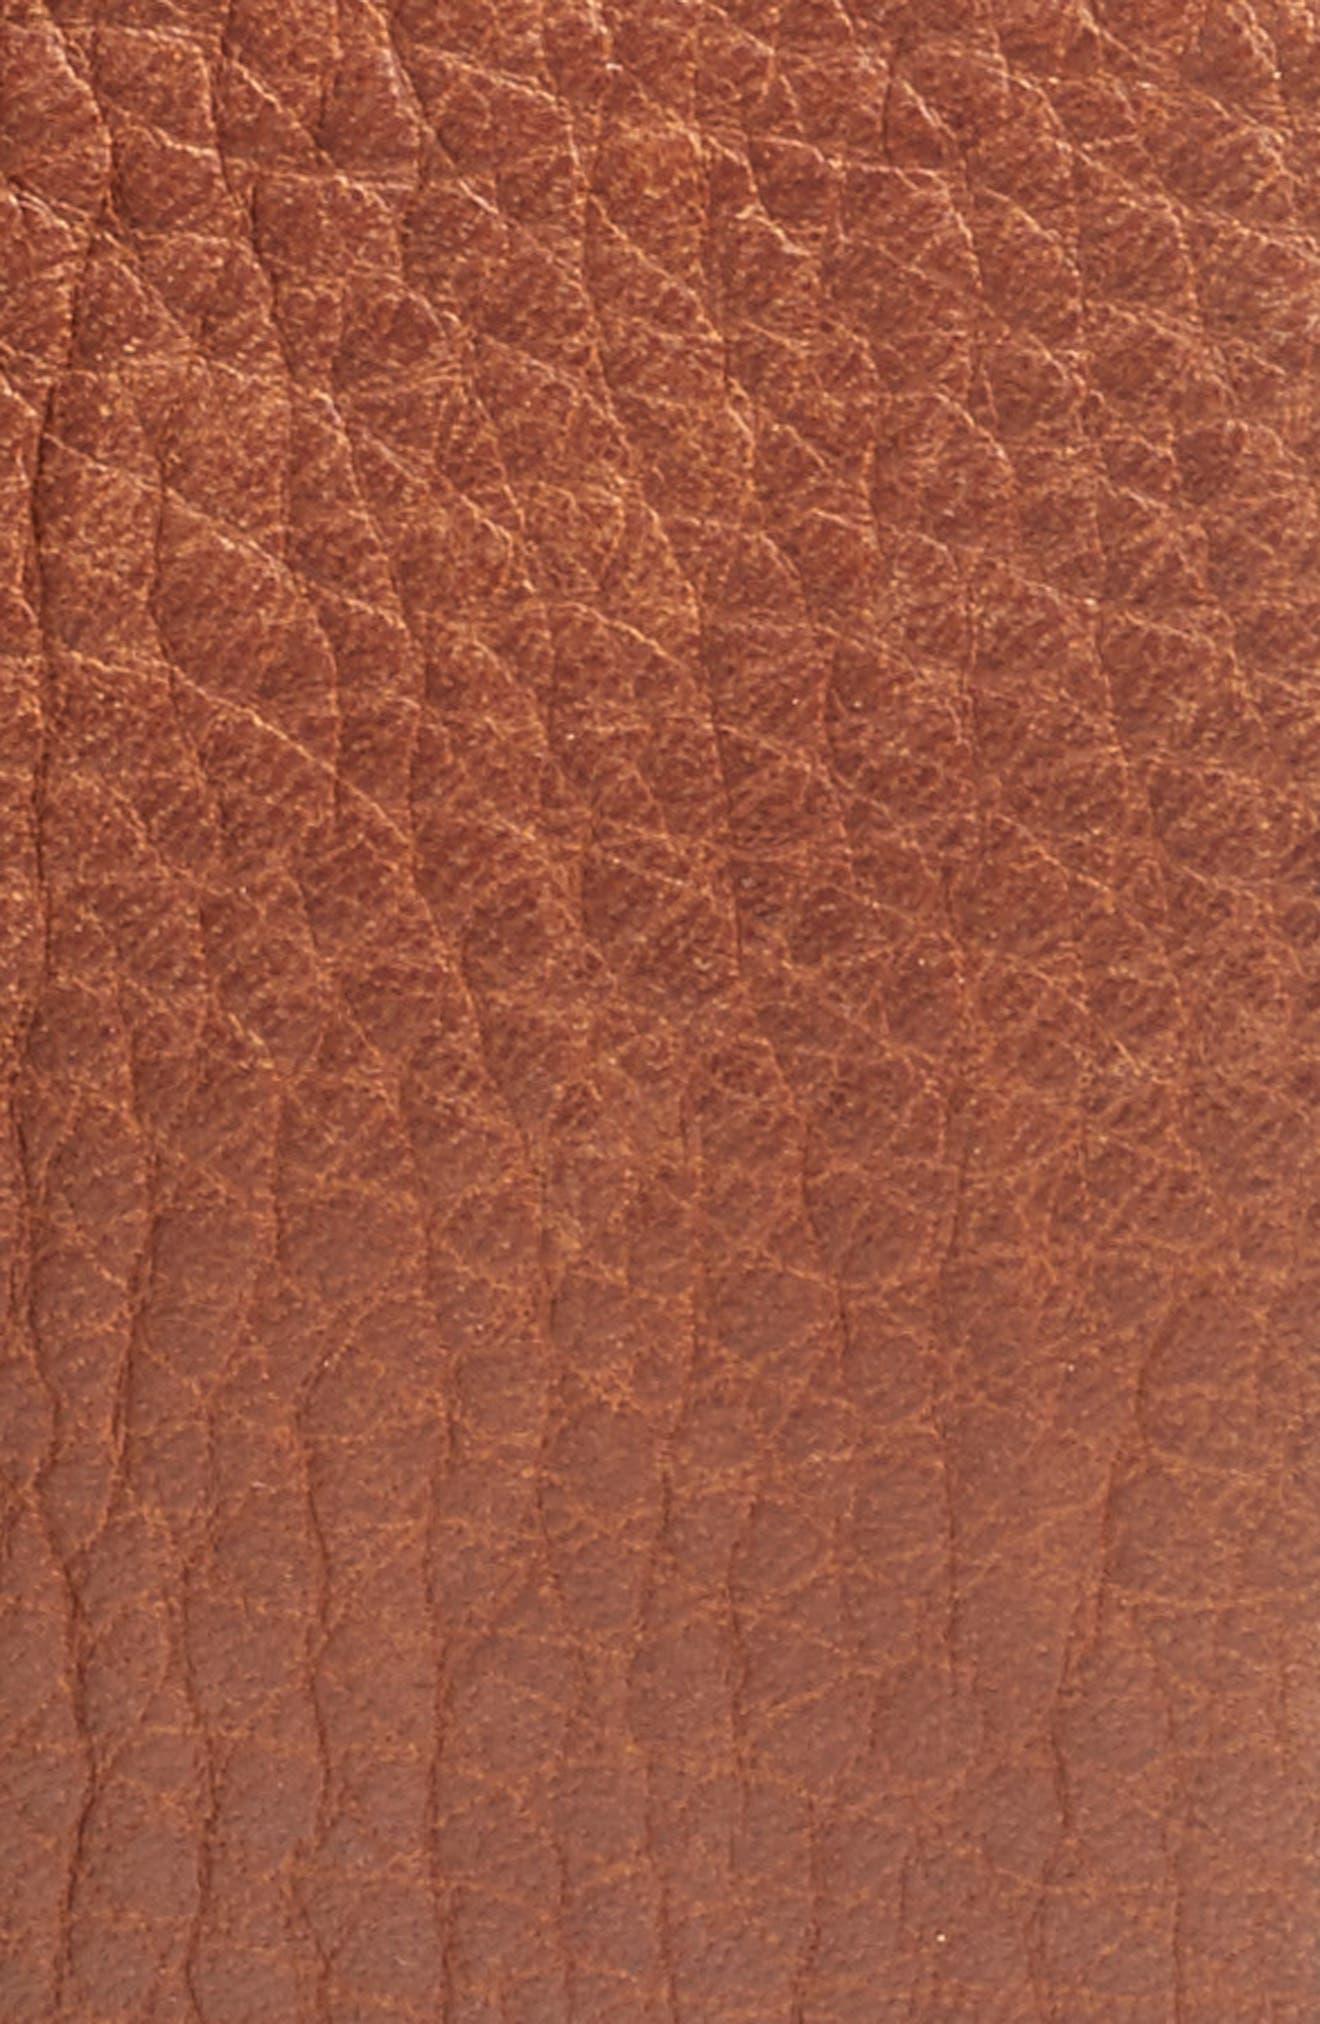 Merritt Leather Belt,                             Alternate thumbnail 2, color,                             Cognac